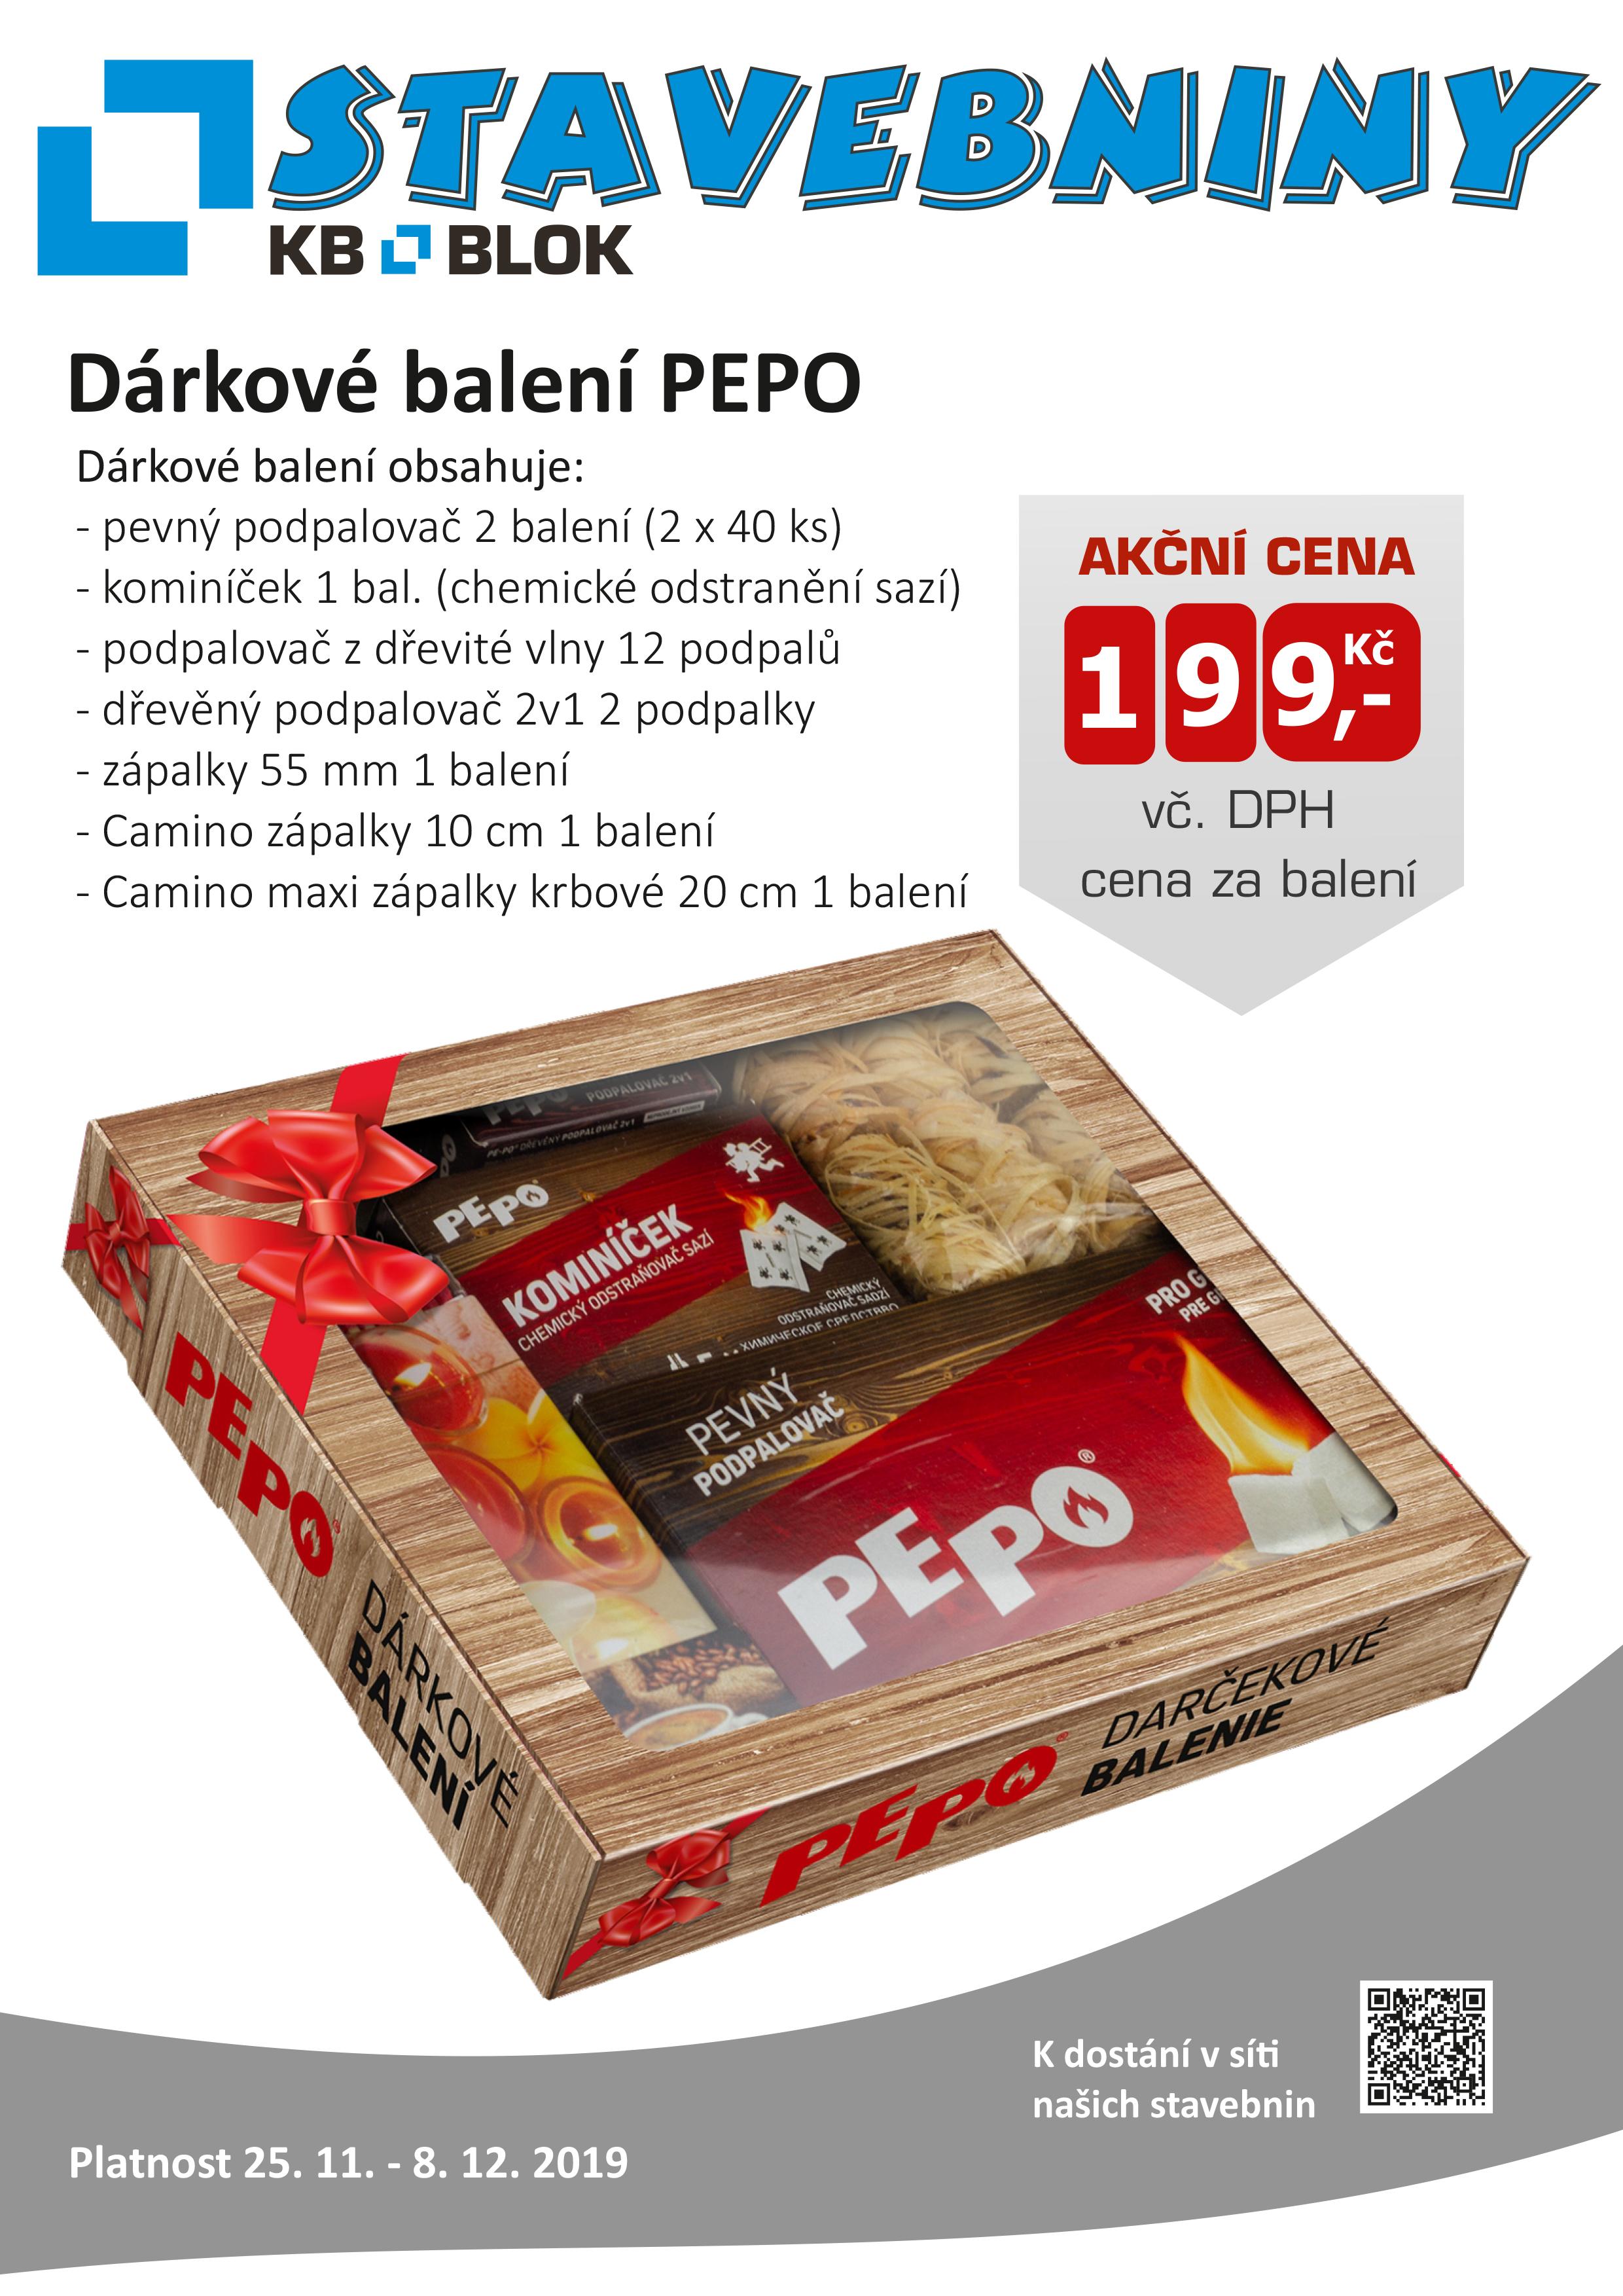 Dárkové balení PEPO